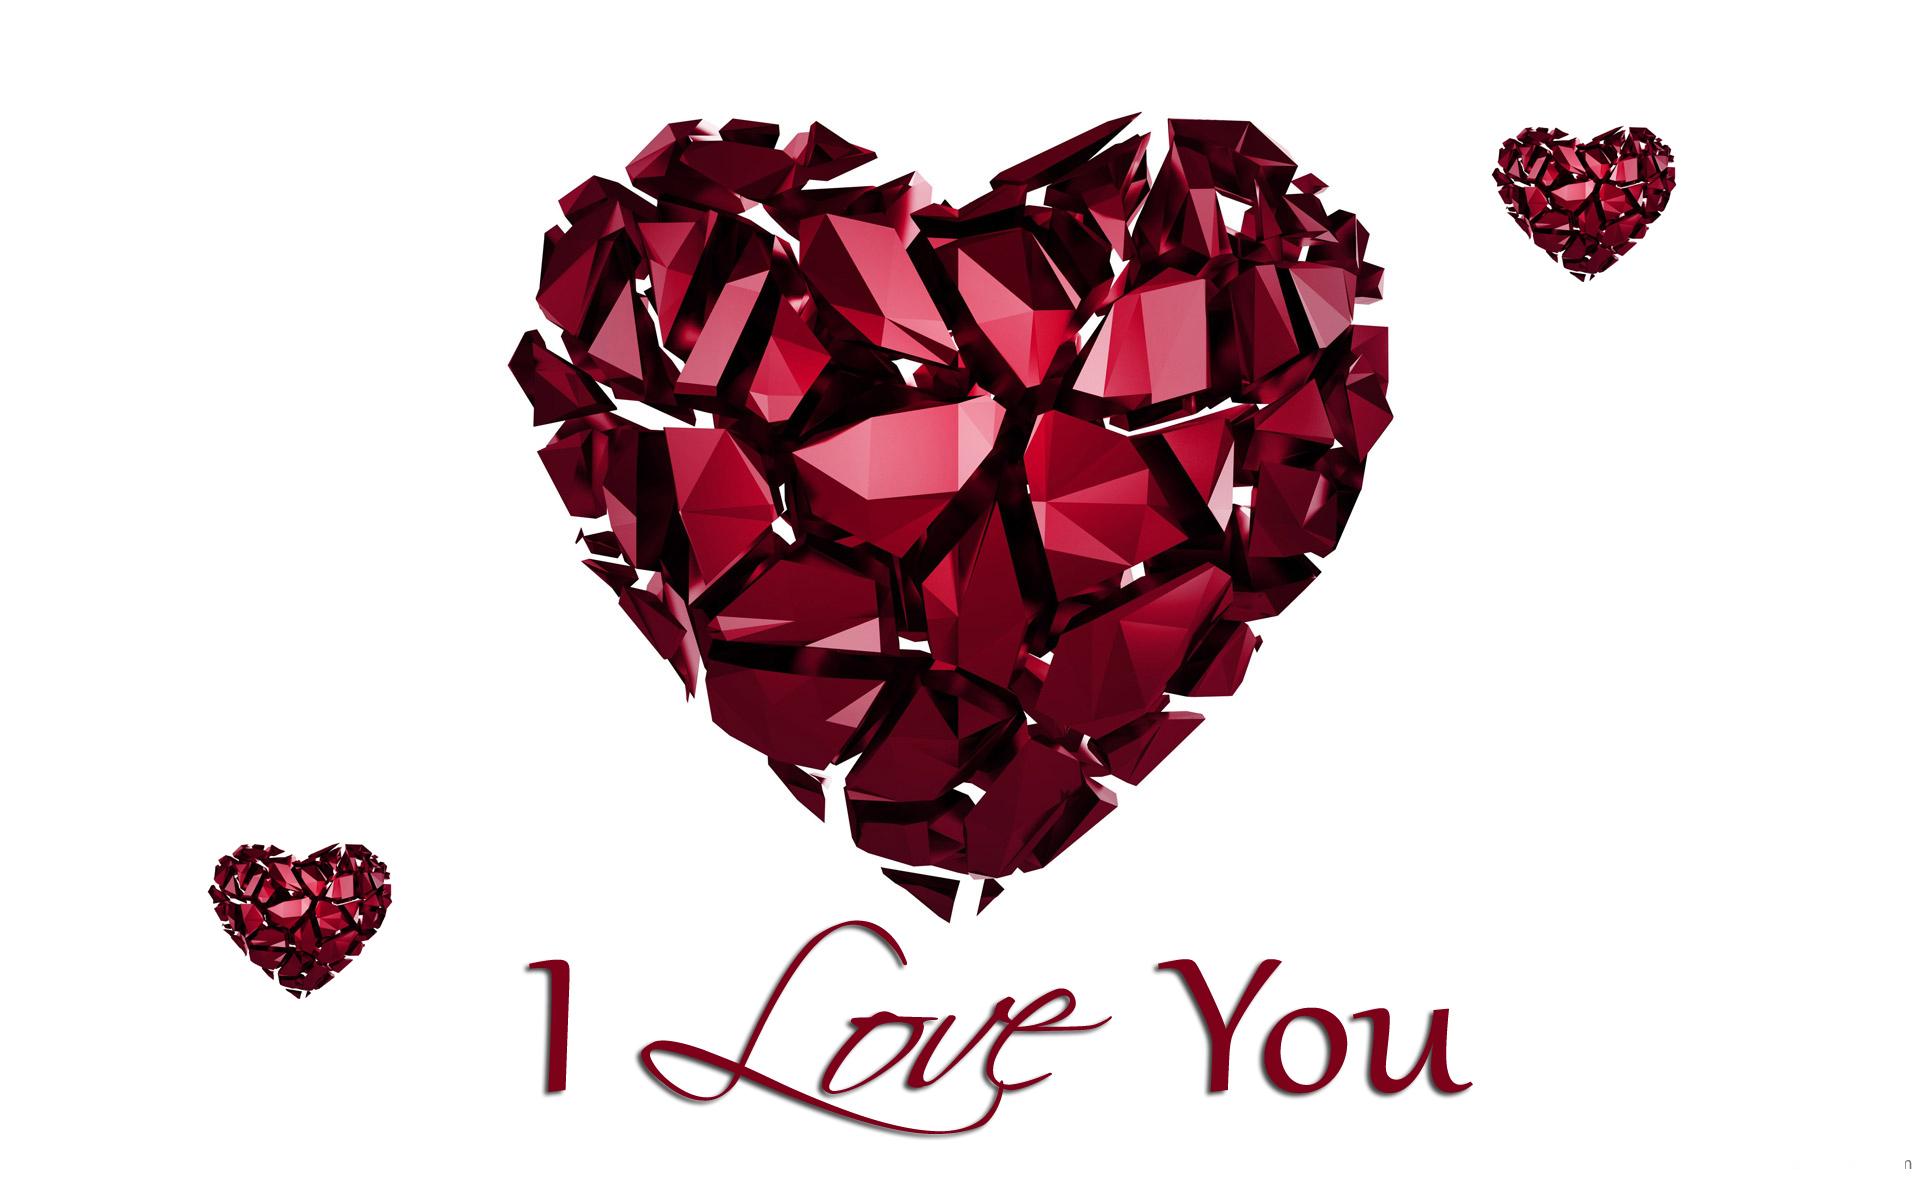 i love you wallpapers 18 خلفيات سطح المكتب i love you wallpapers